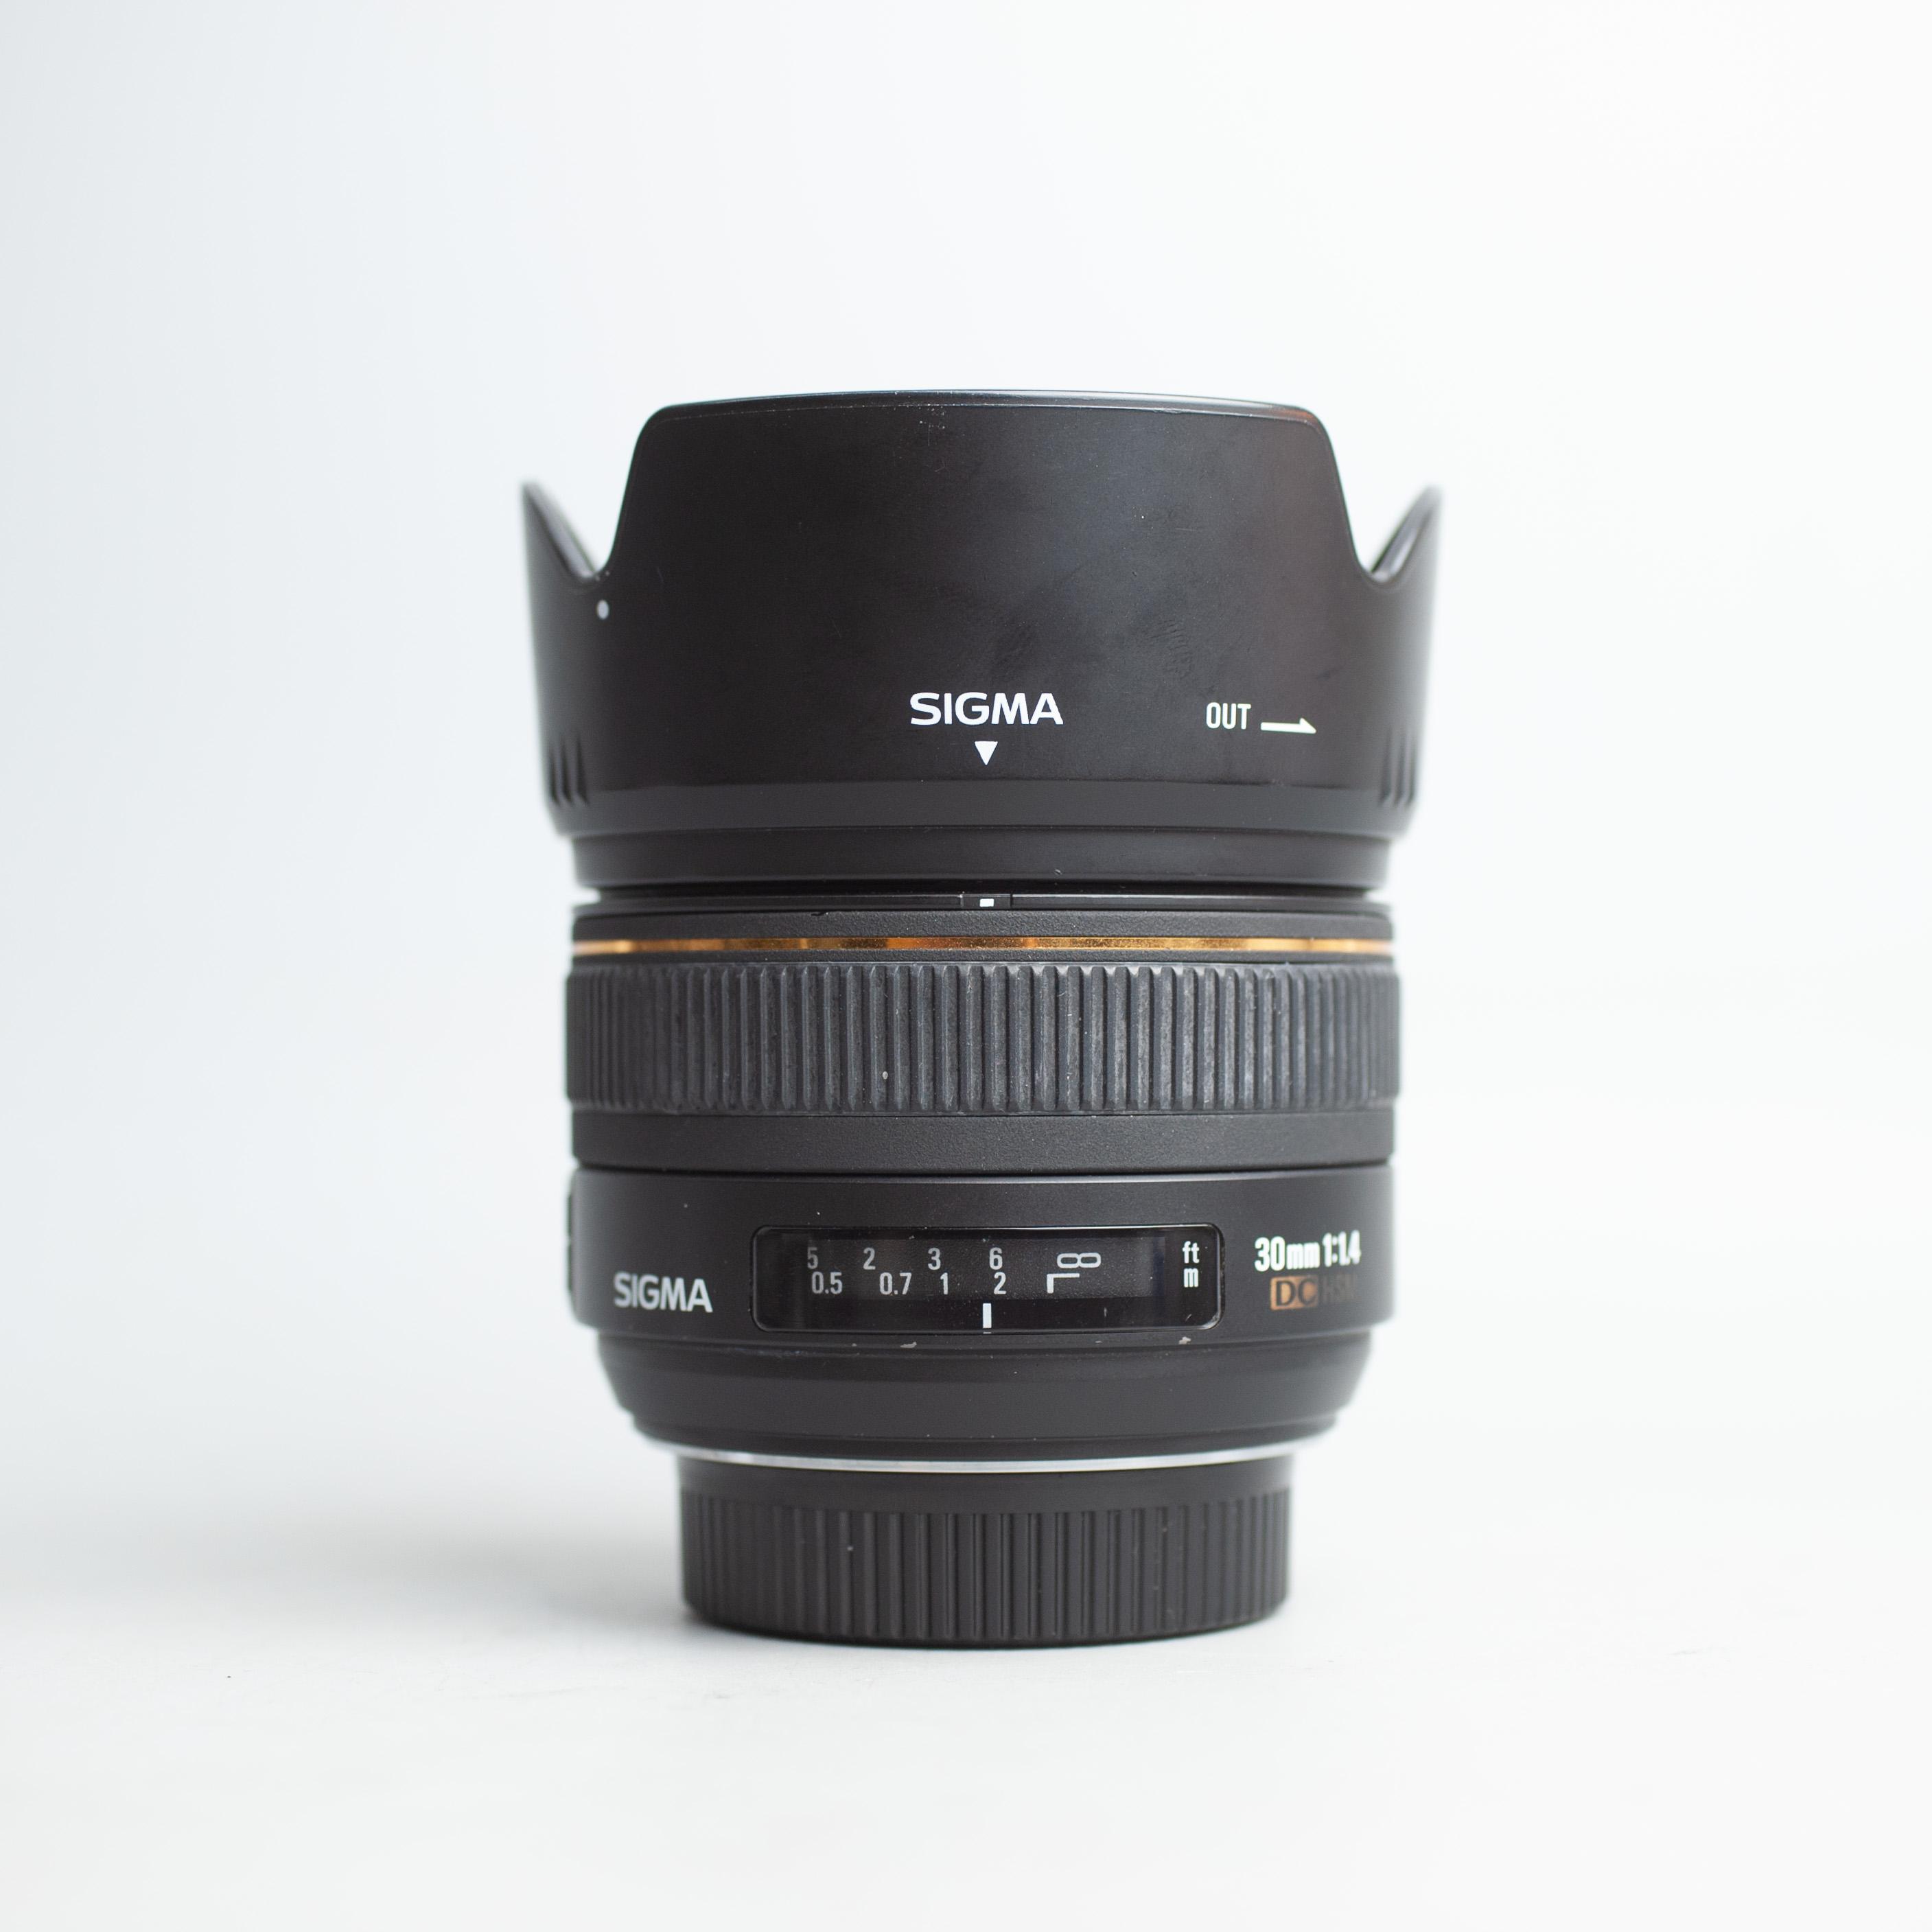 sigma-30mm-f1-4-dc-hsm-af-nikon-30-1-4-18052